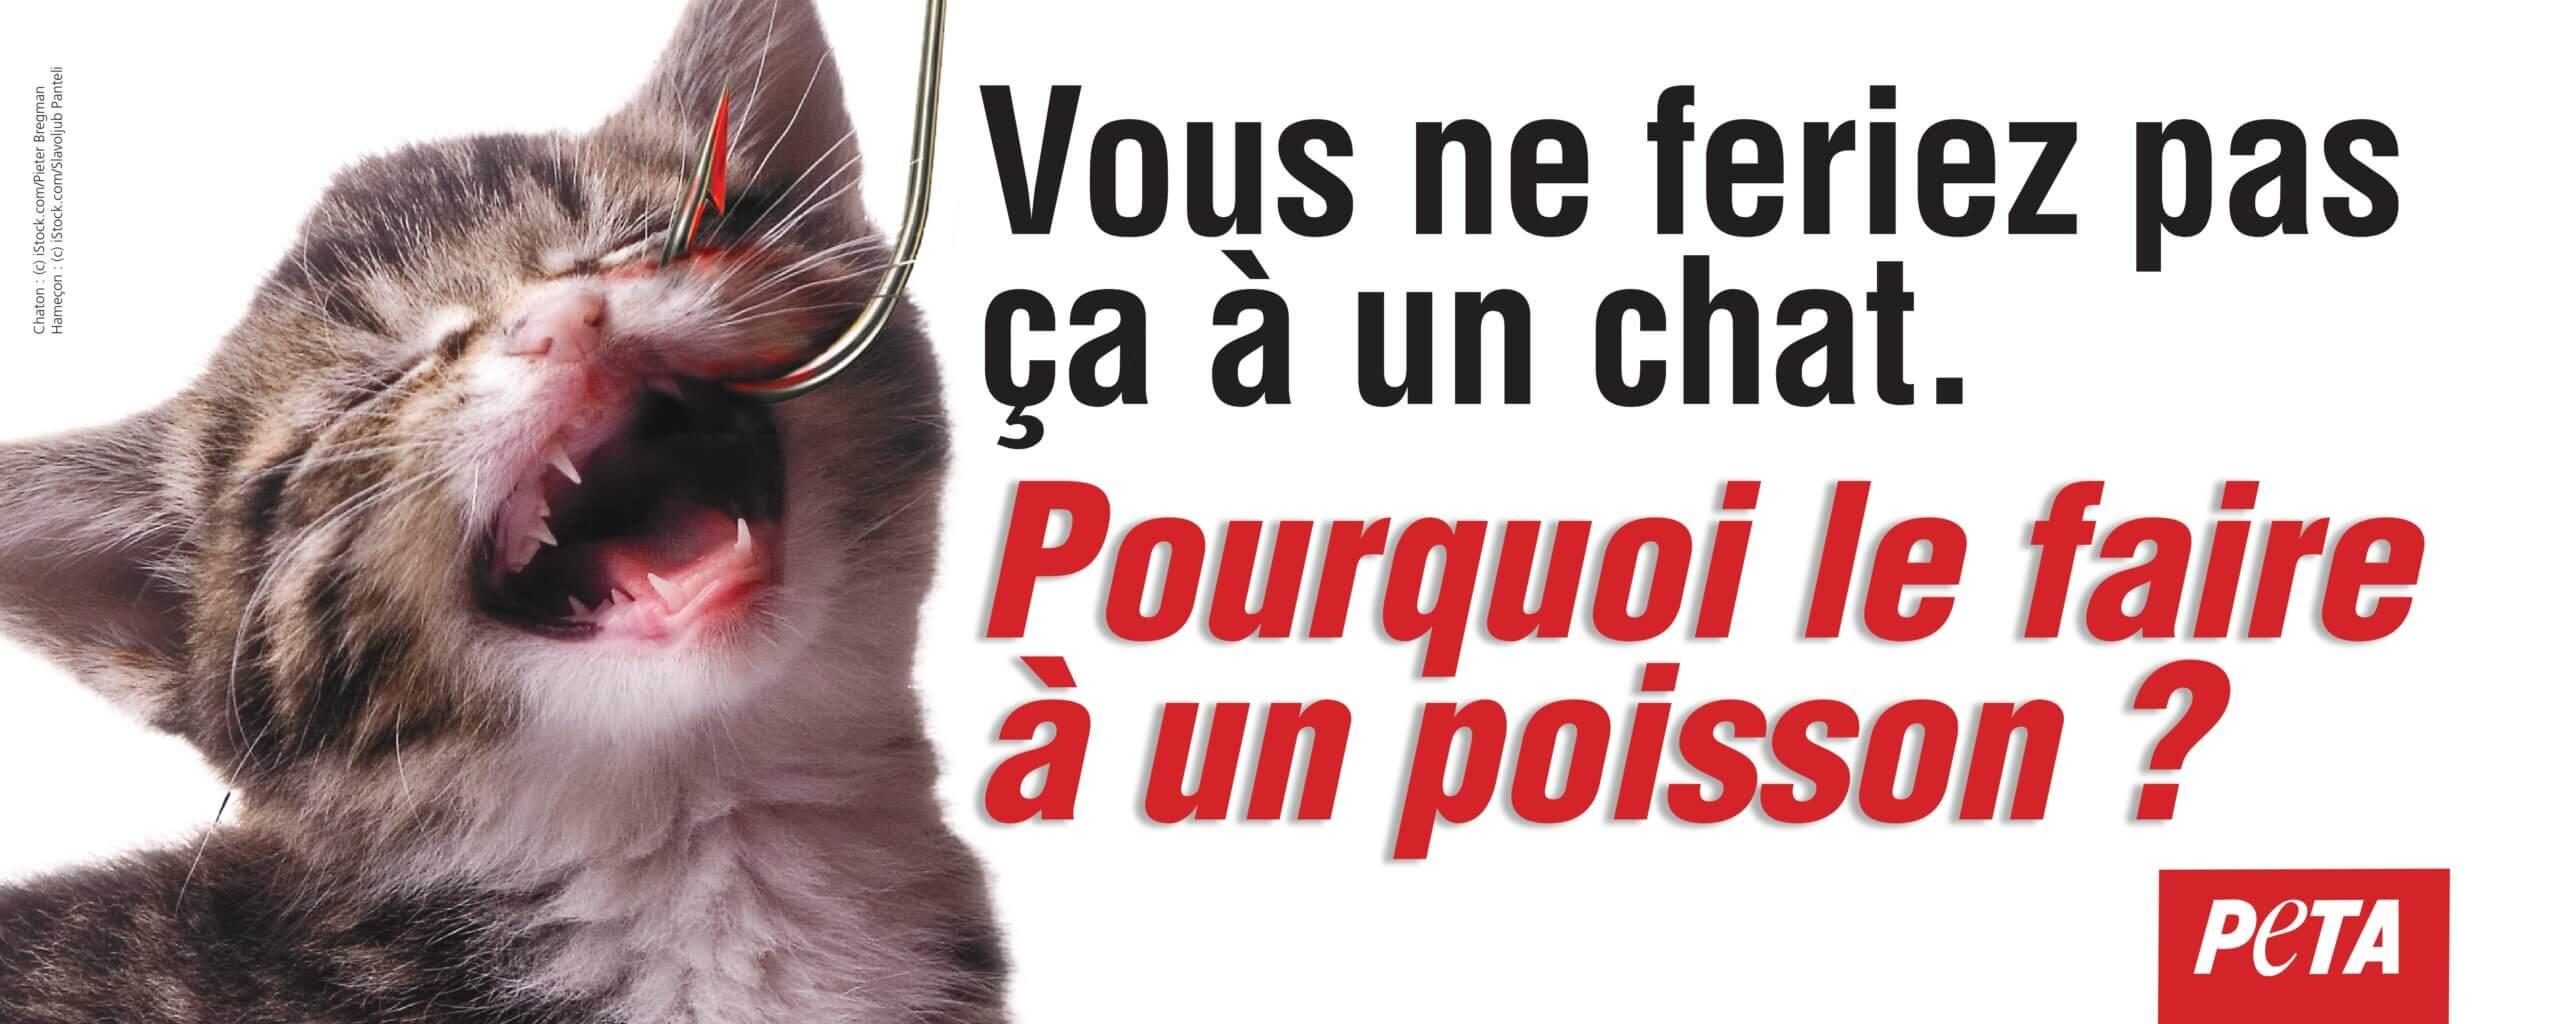 PETA demande une affiche en bord de rivière après la mort de milliers de poissons